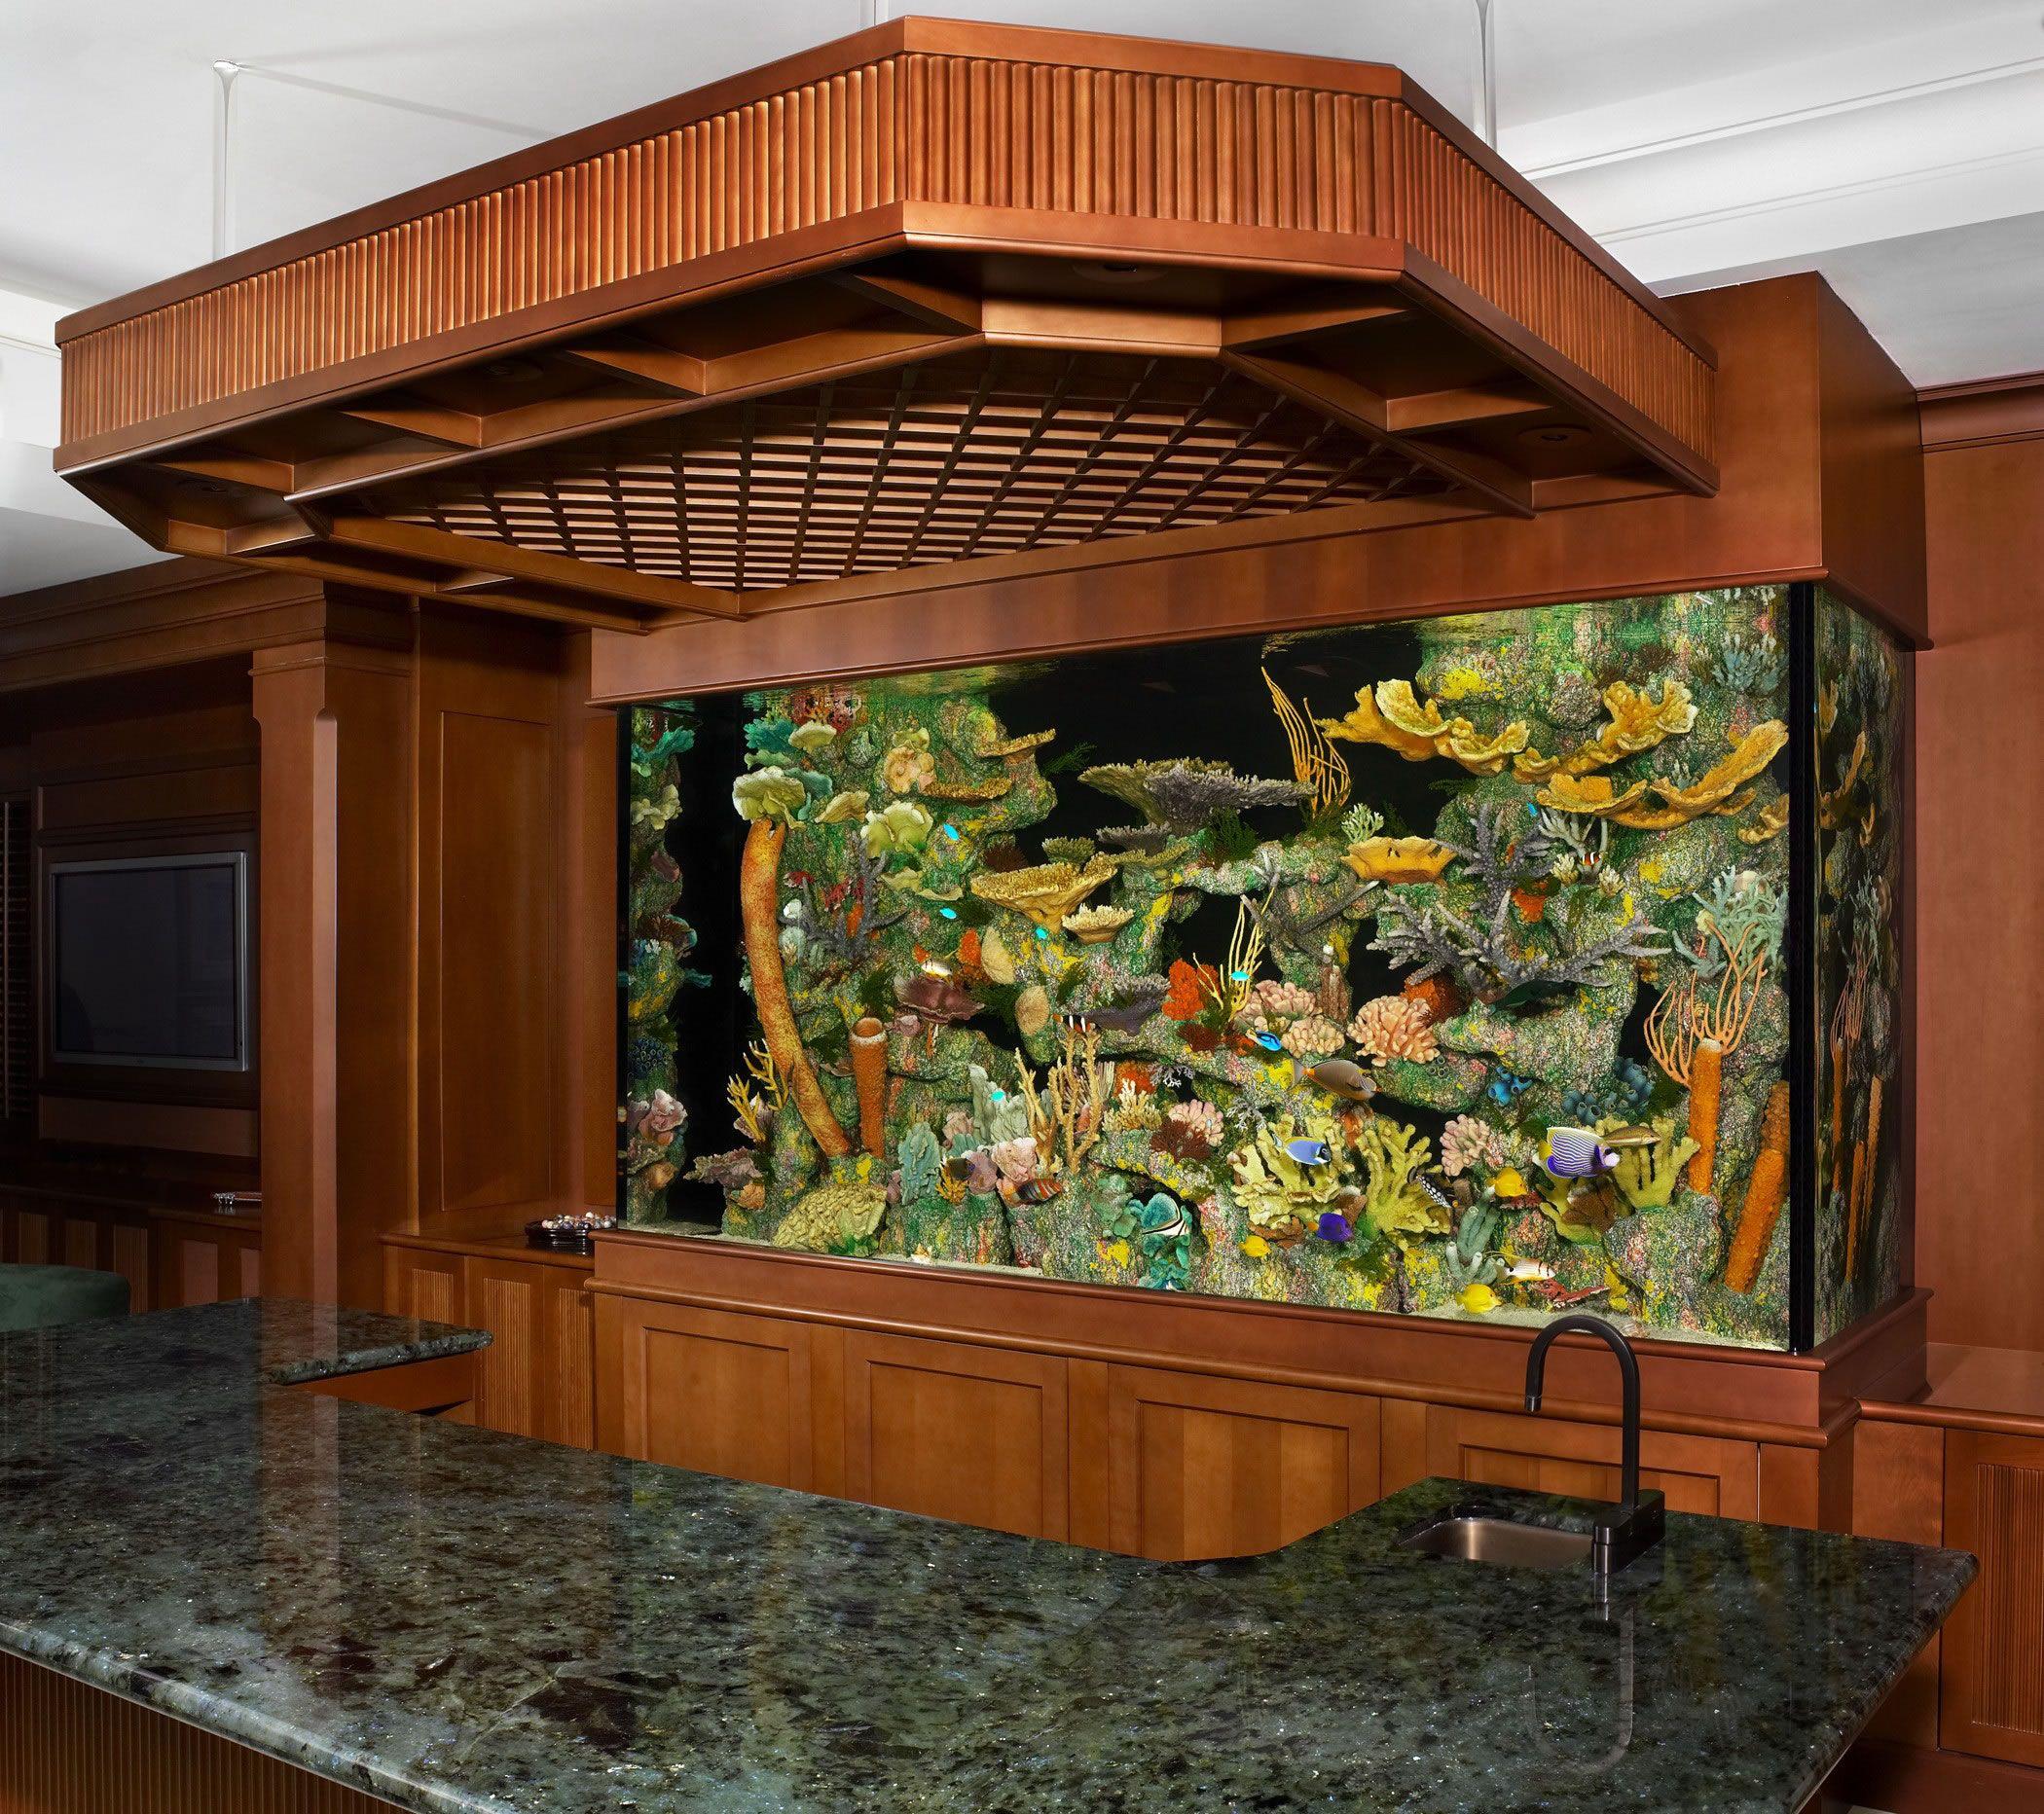 Giant Aquariums 300 GALLON SALT WATER AQUARIUM $3000